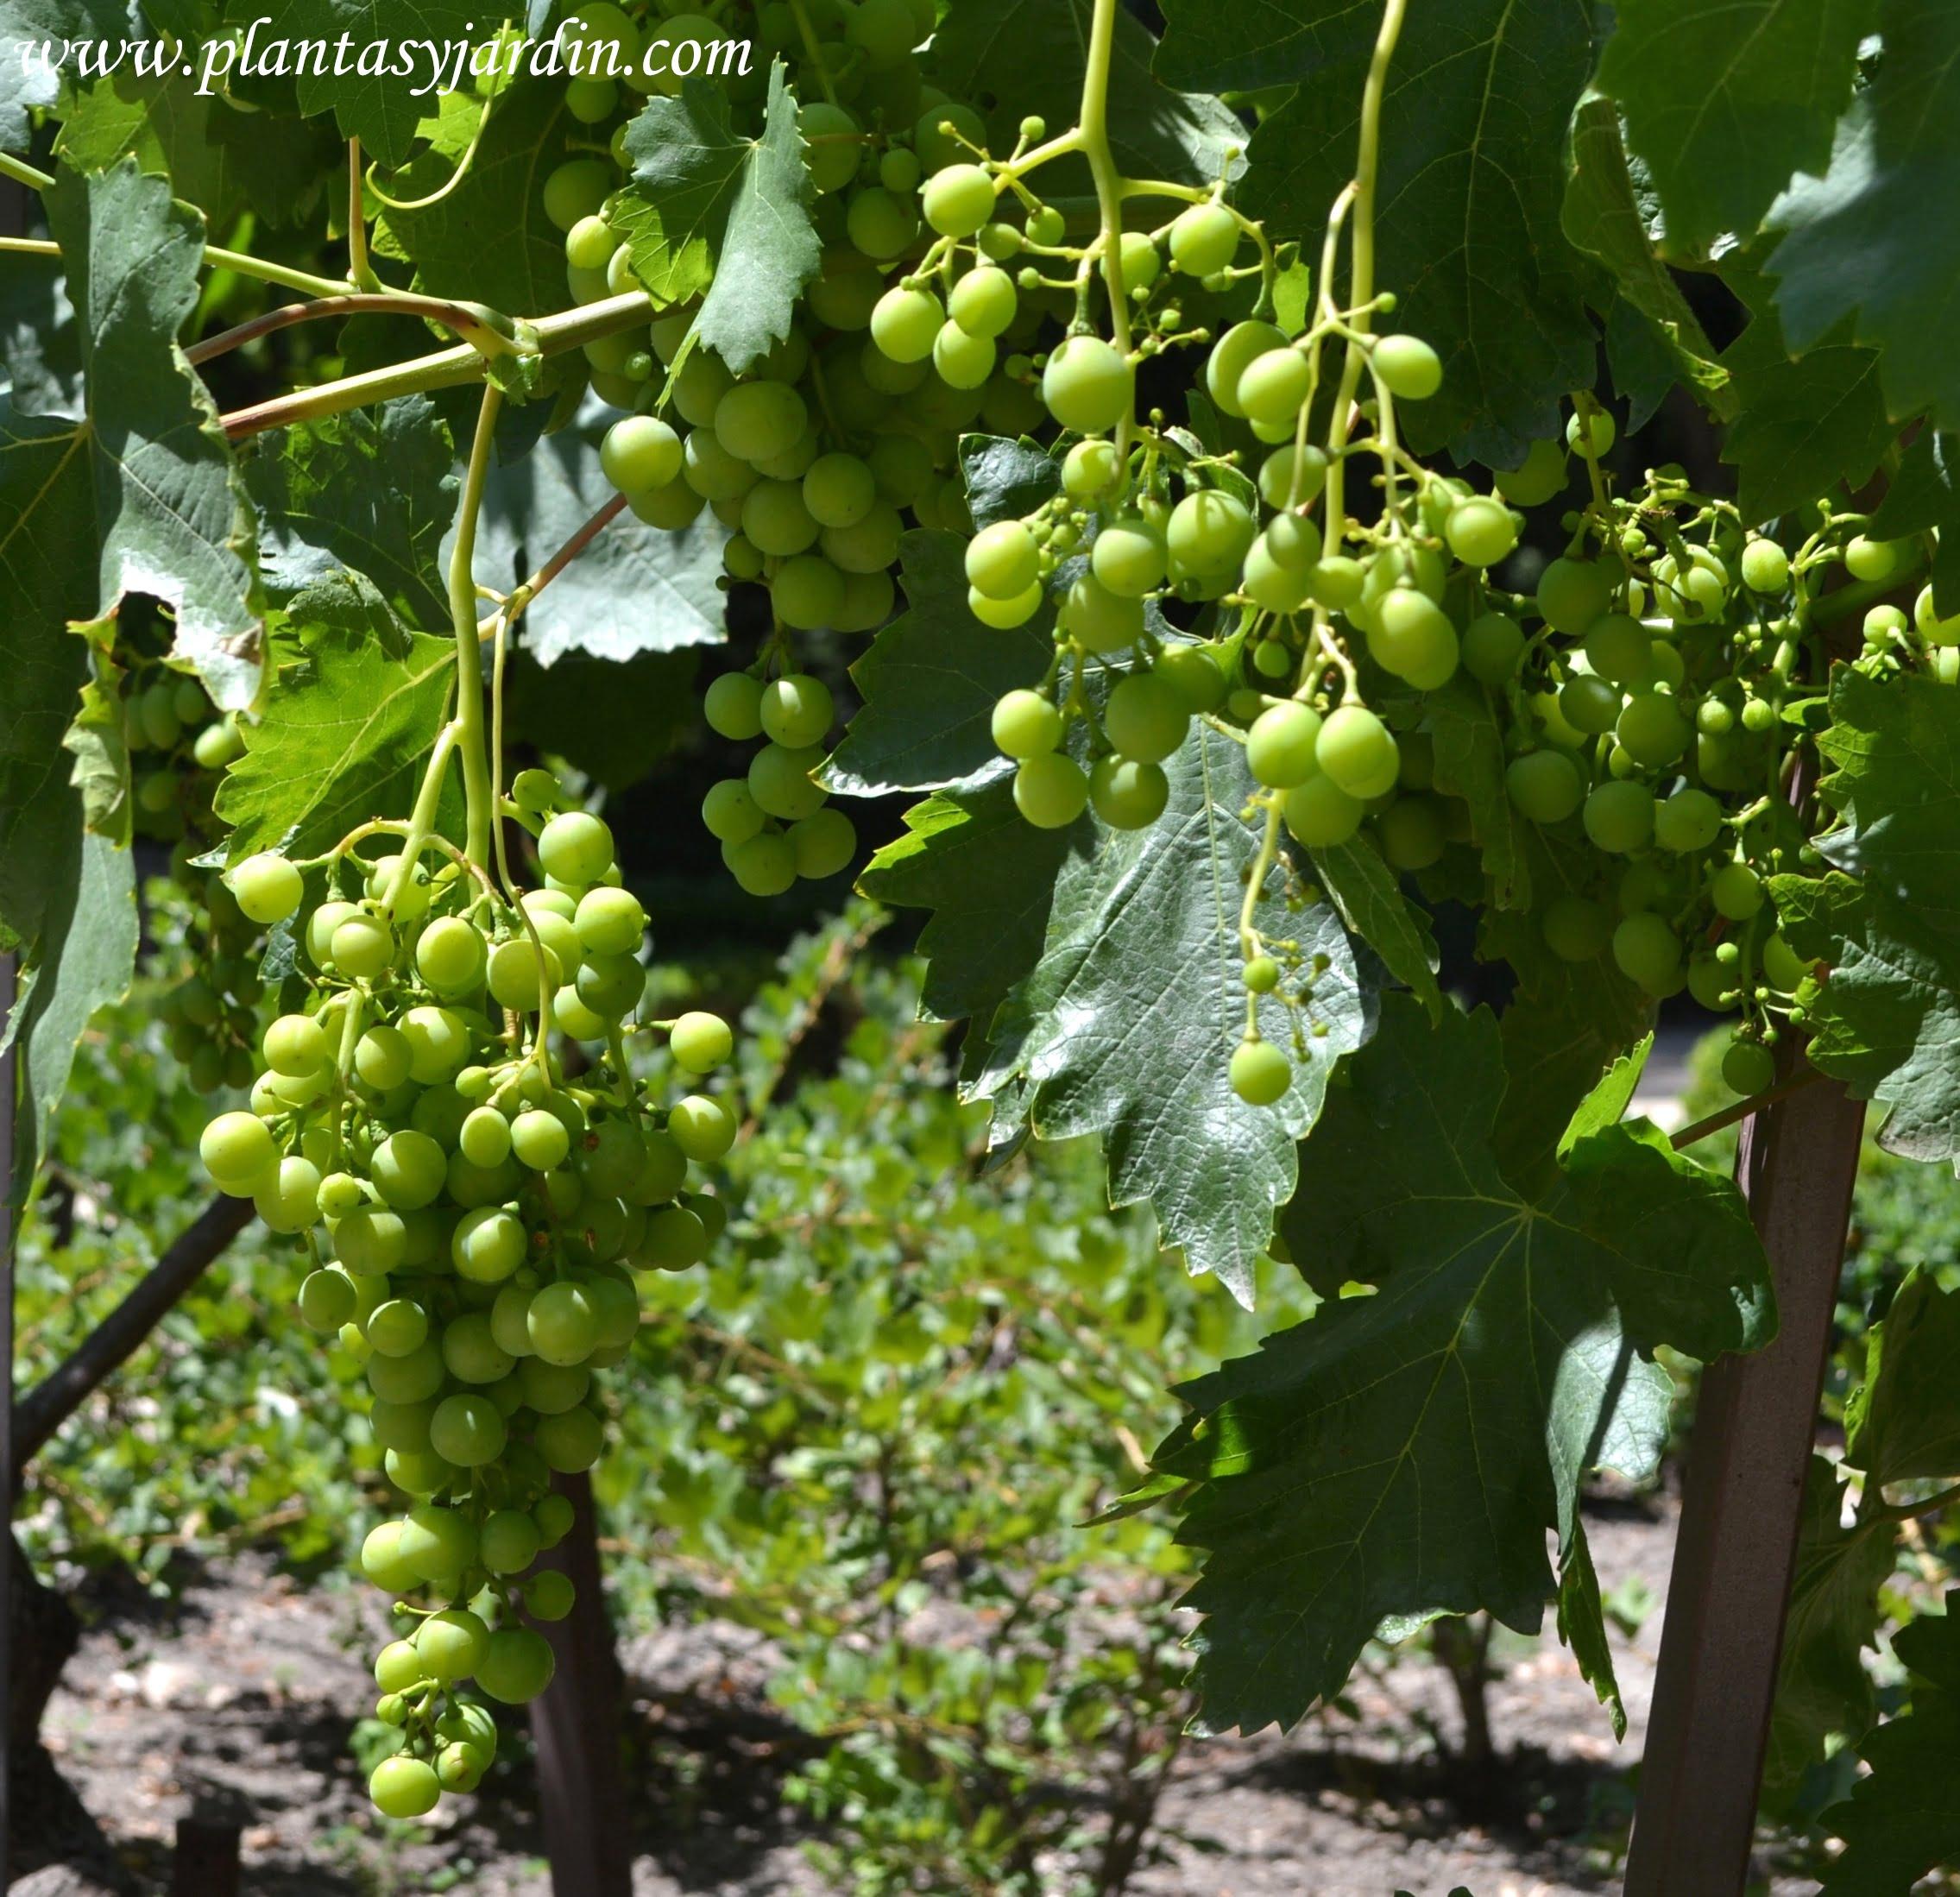 Vitis vinifera con uvas en la planta, en verano.